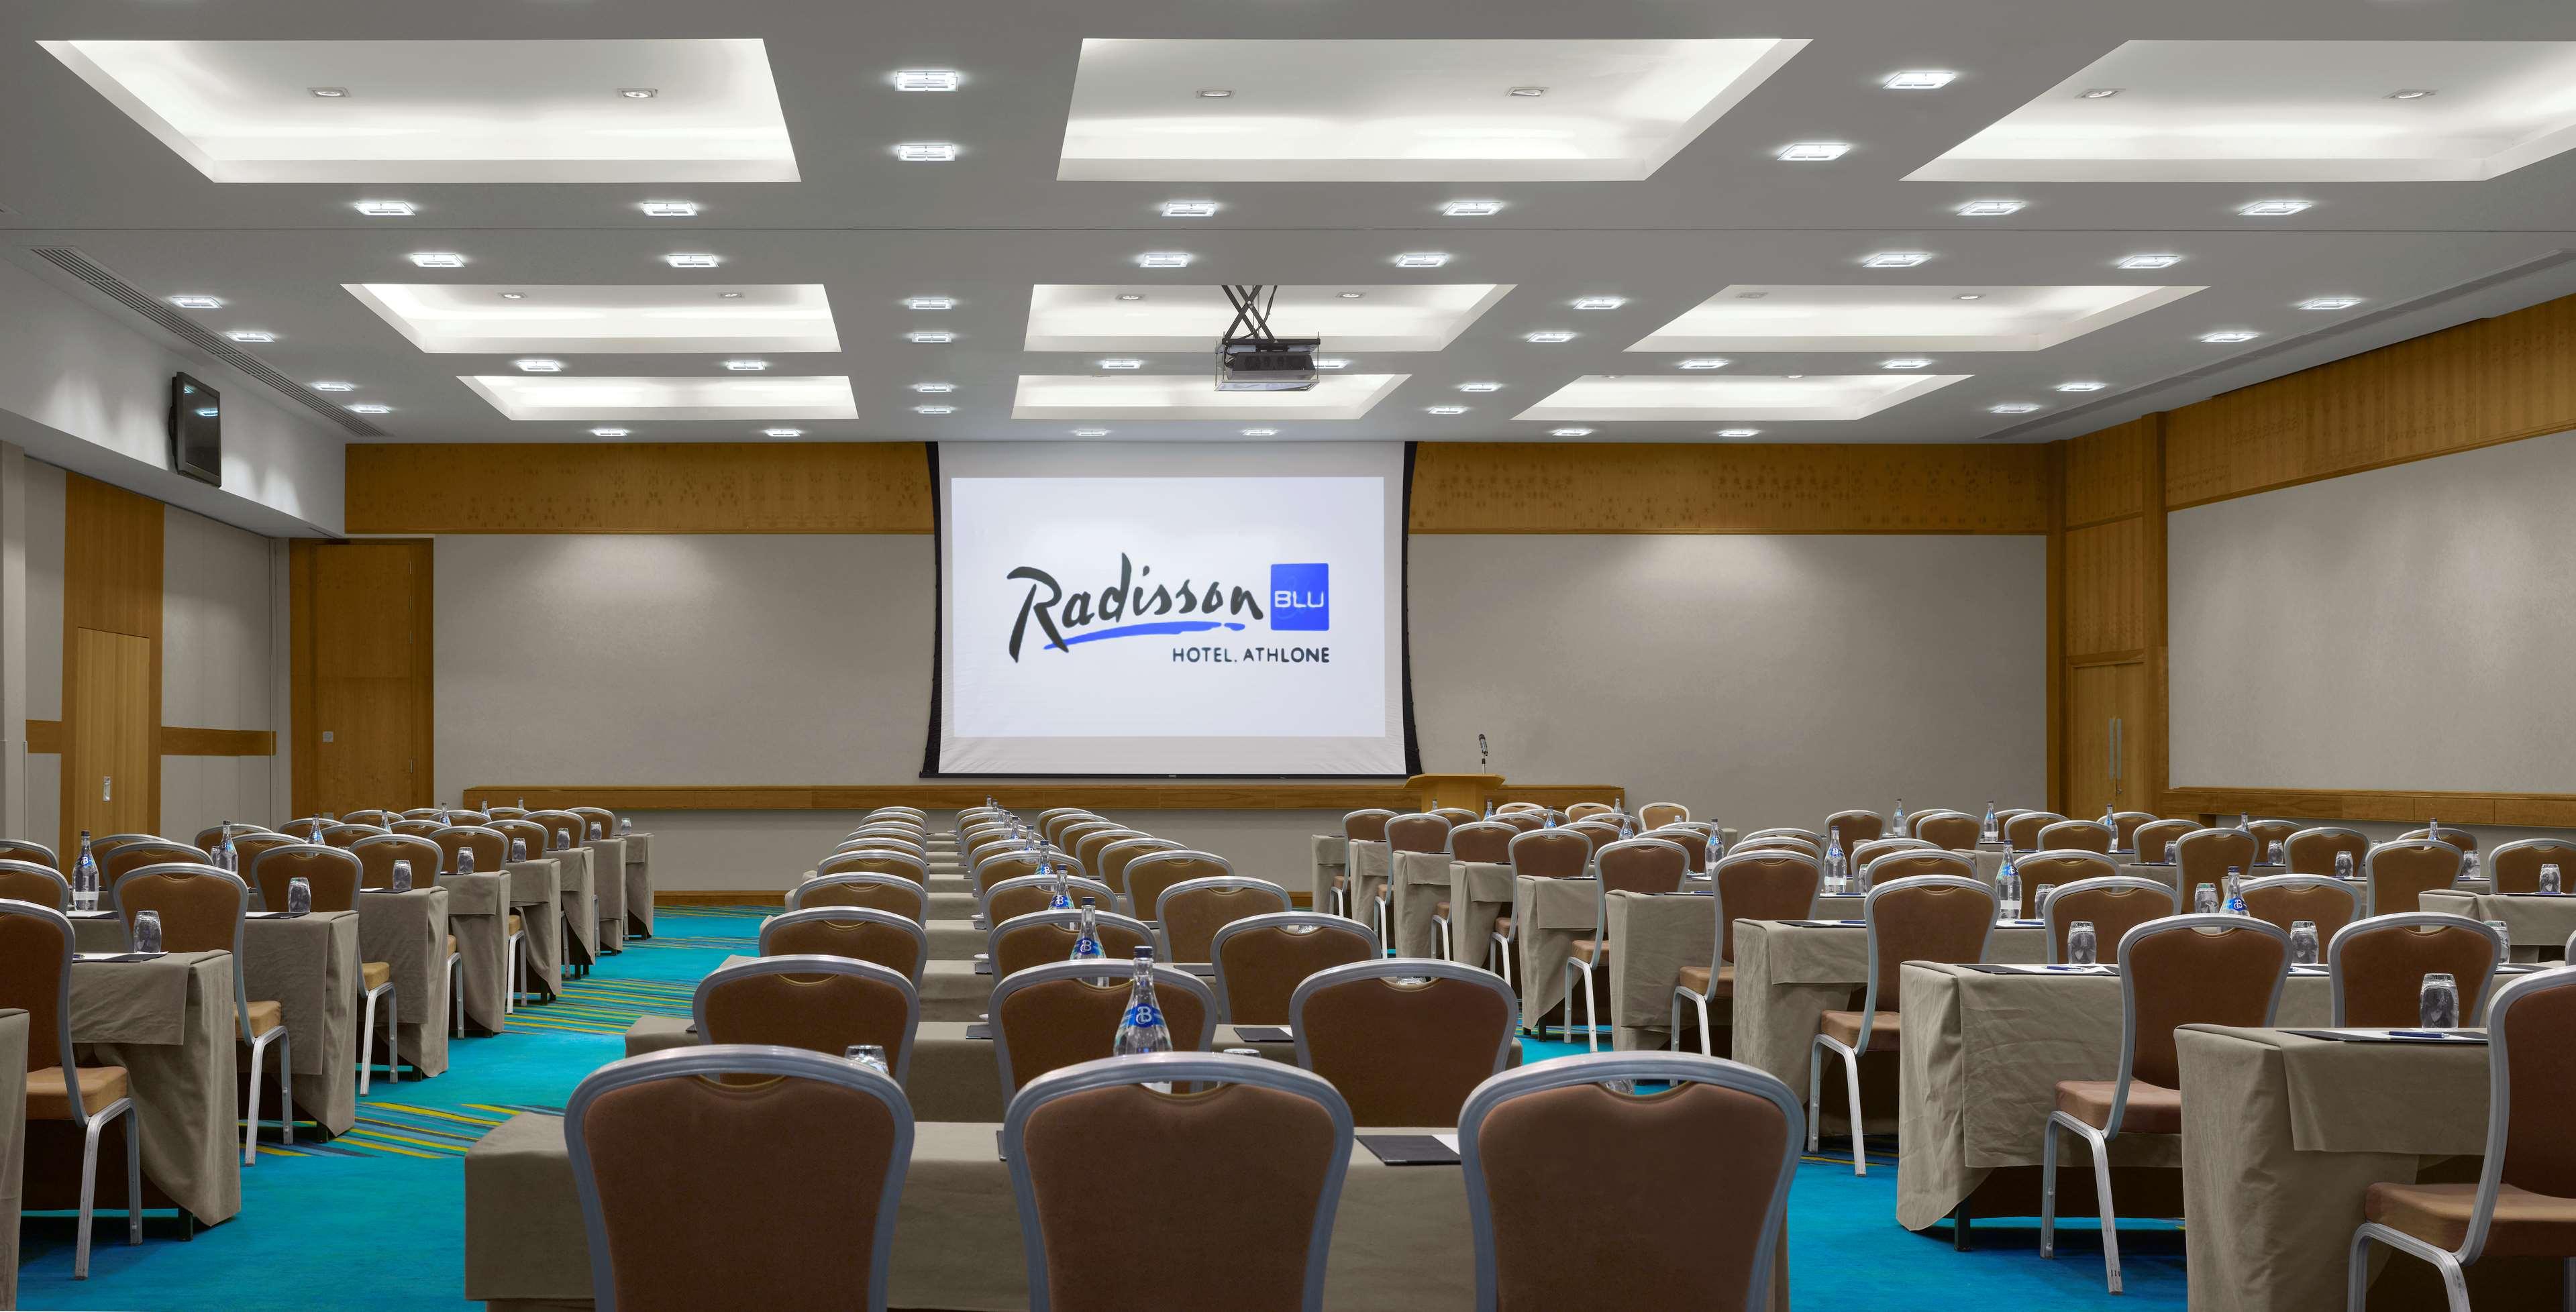 Radisson Blu Hotel, Athlone 70